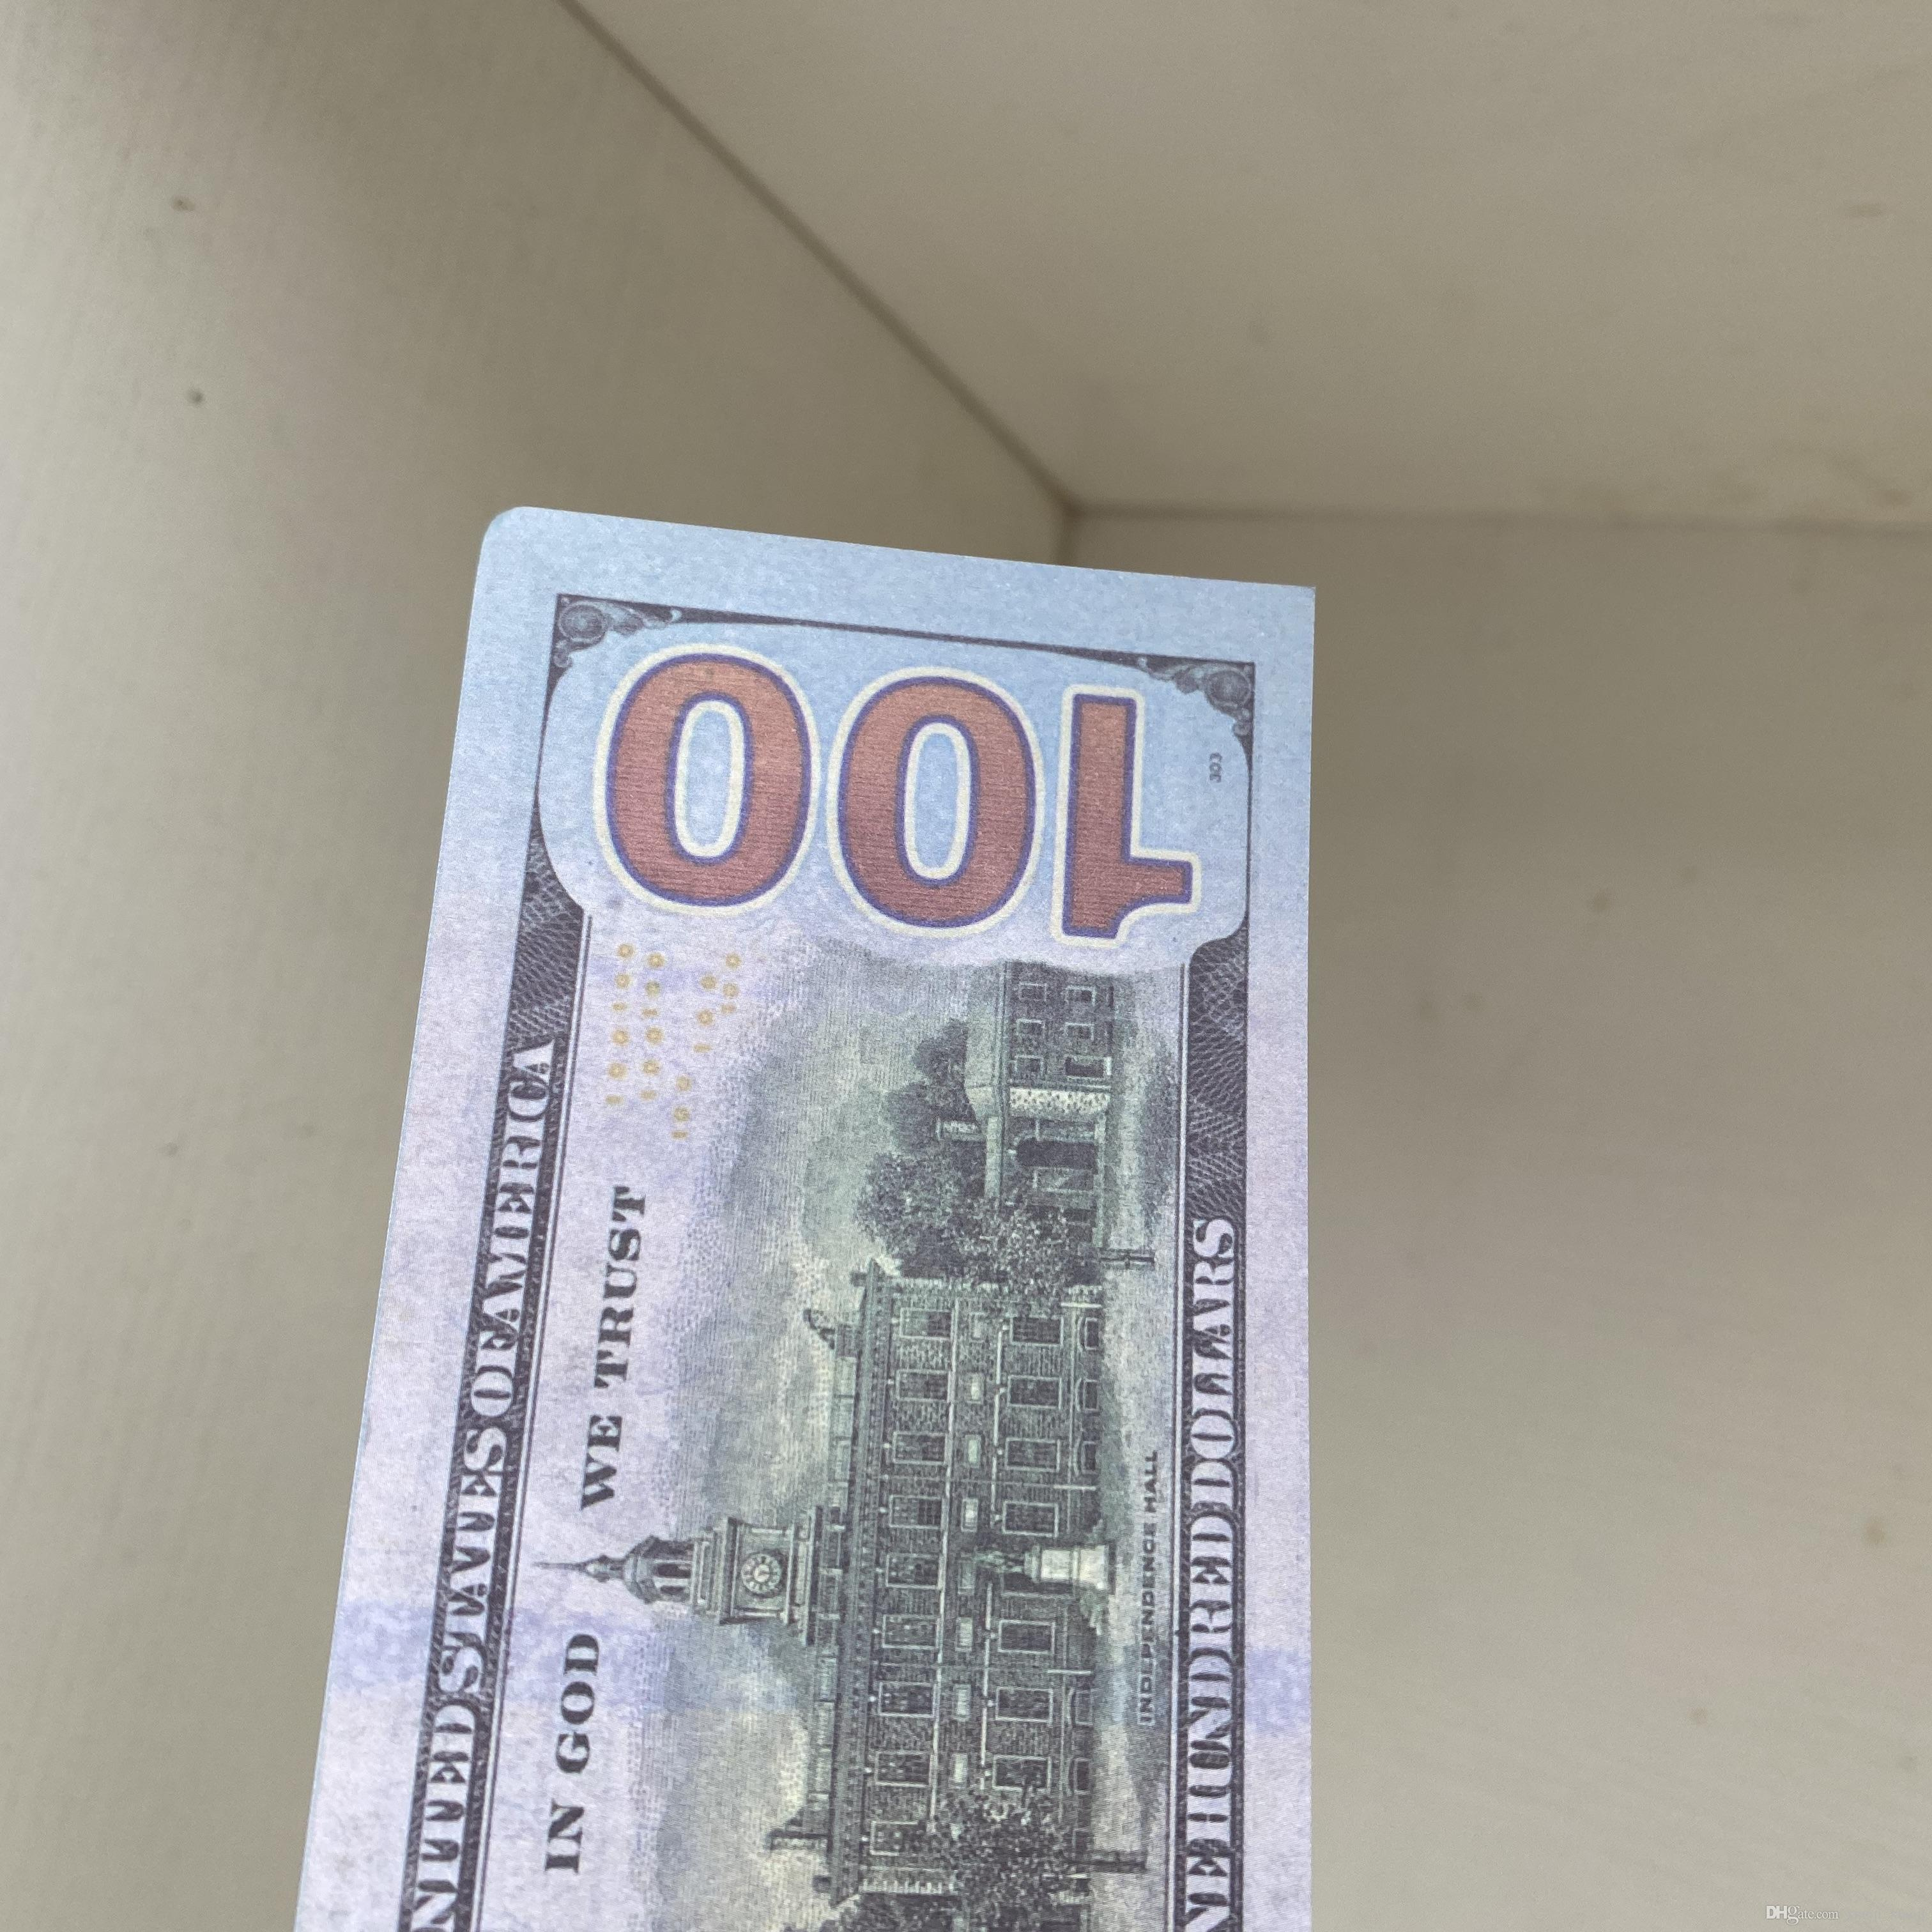 Toy326 100 шт. / Пакет / пакет / доллар / доллар Банкнота Семейная игра PROP MONEY или США Бумага большинства детей копировать реалистичные MXSUX